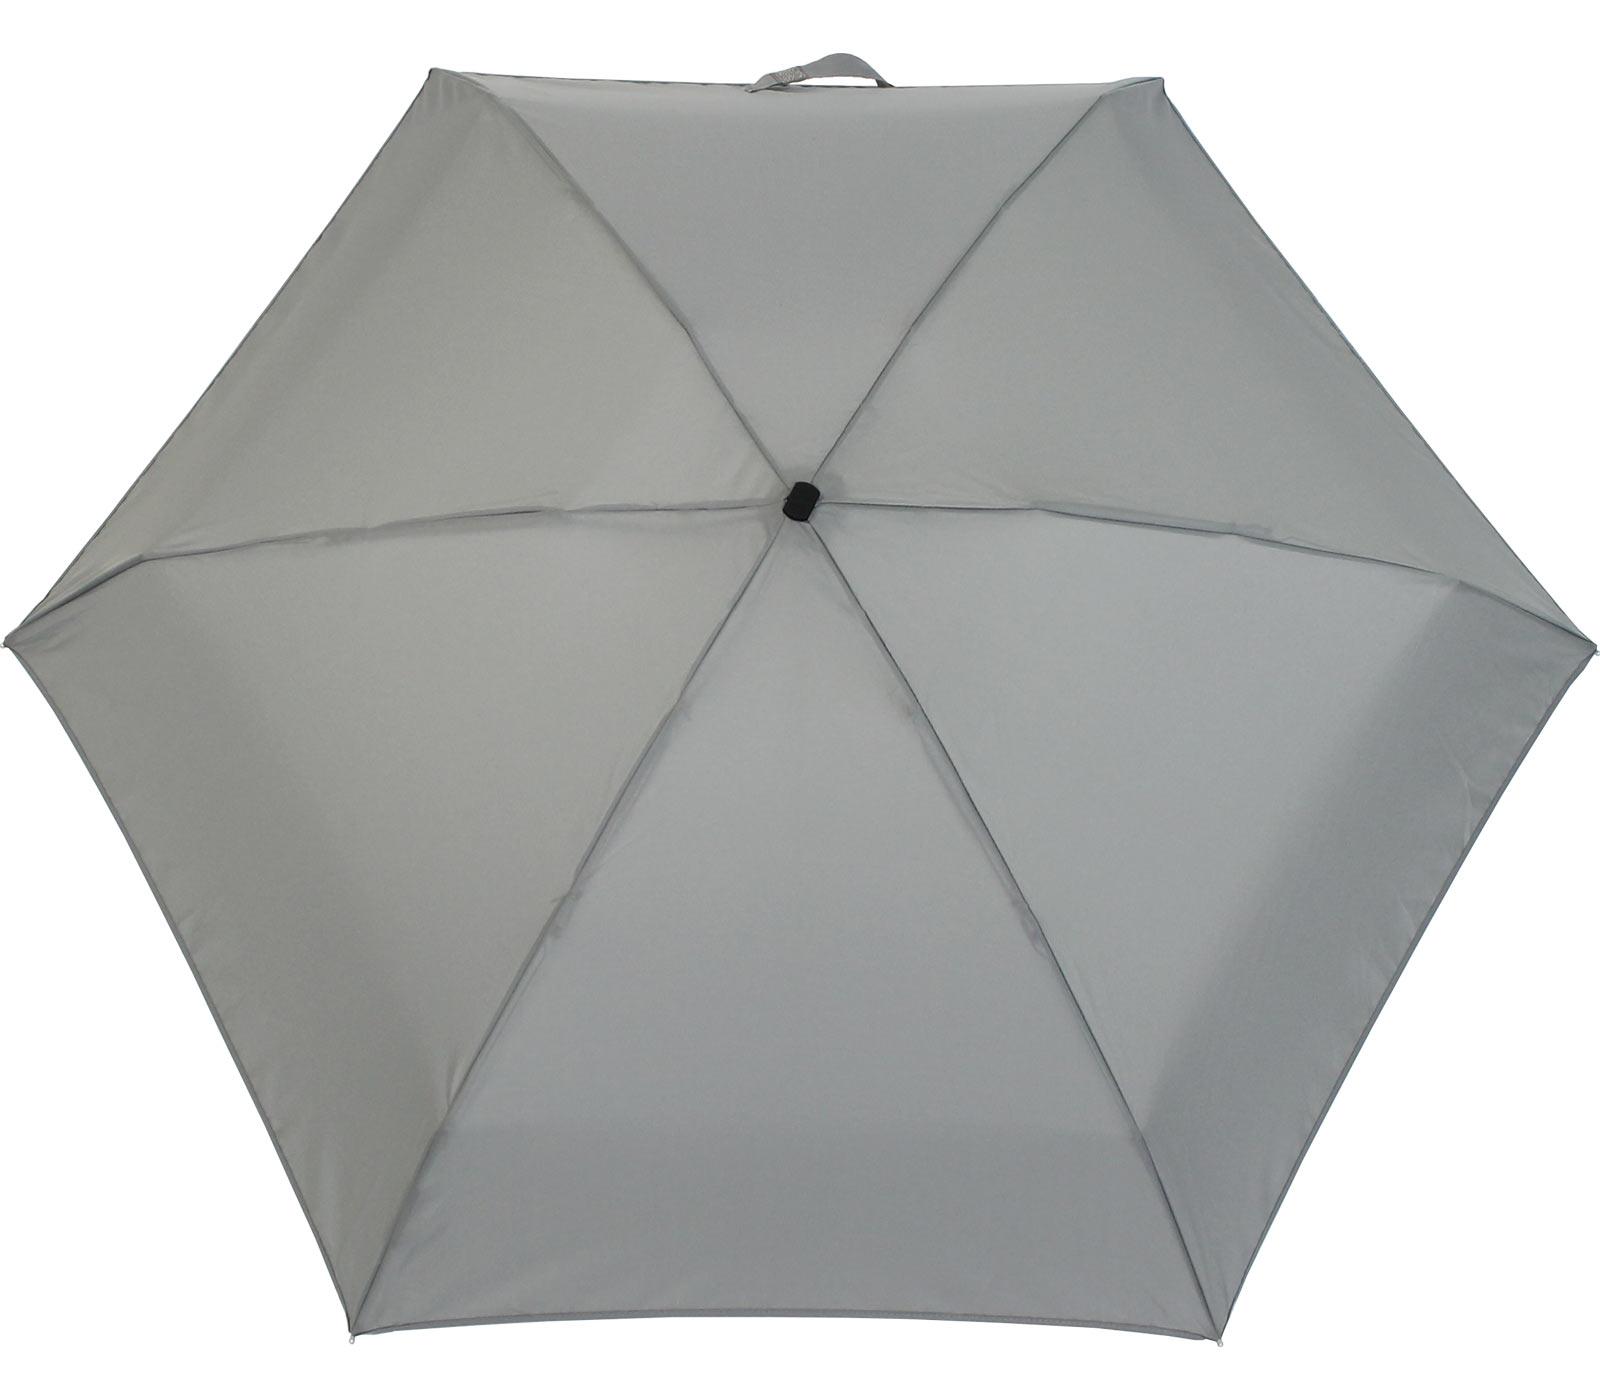 Regenschirm-Super-Mini-Taschenschirm-Damen-Herren-winzig-klein-leicht-im-Etui Indexbild 11